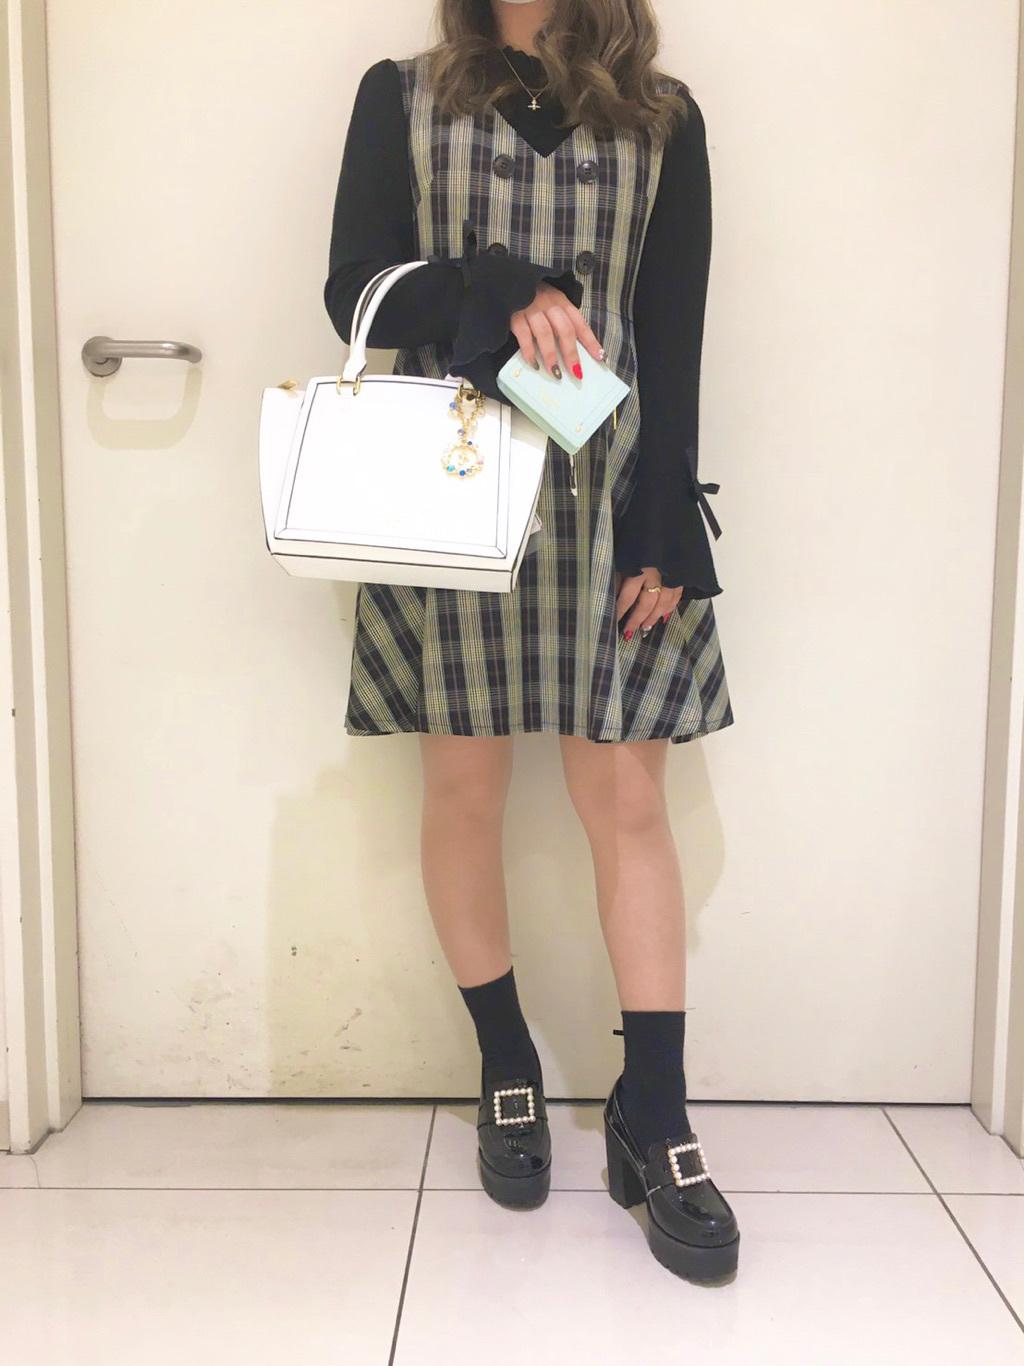 & シュエット ららぽーと富士見店 reina